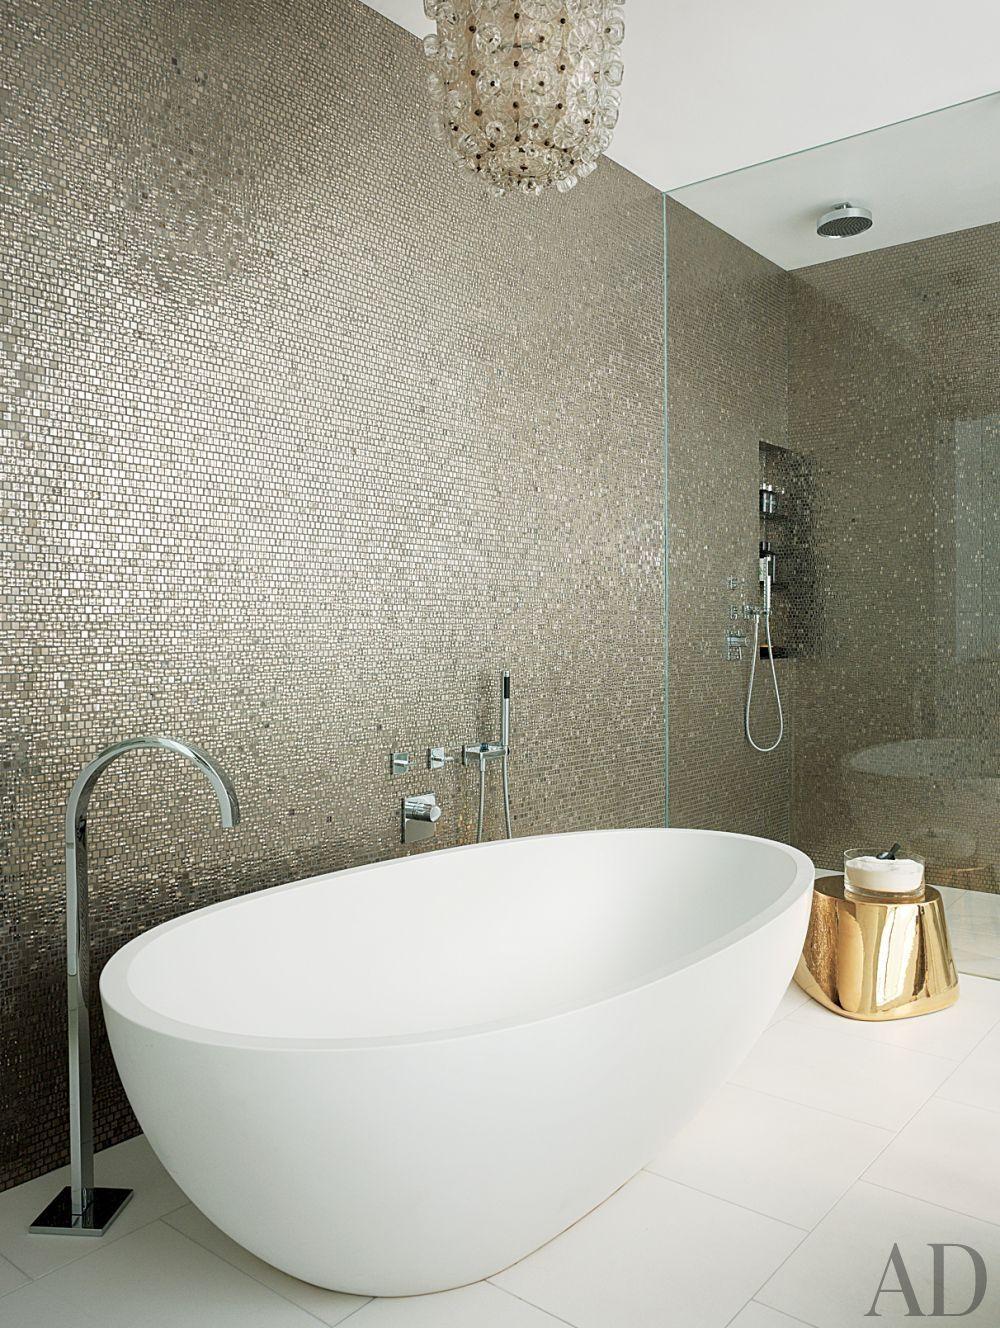 freistehende Badewanne + Glas-duschkabine | Badezimmer ...